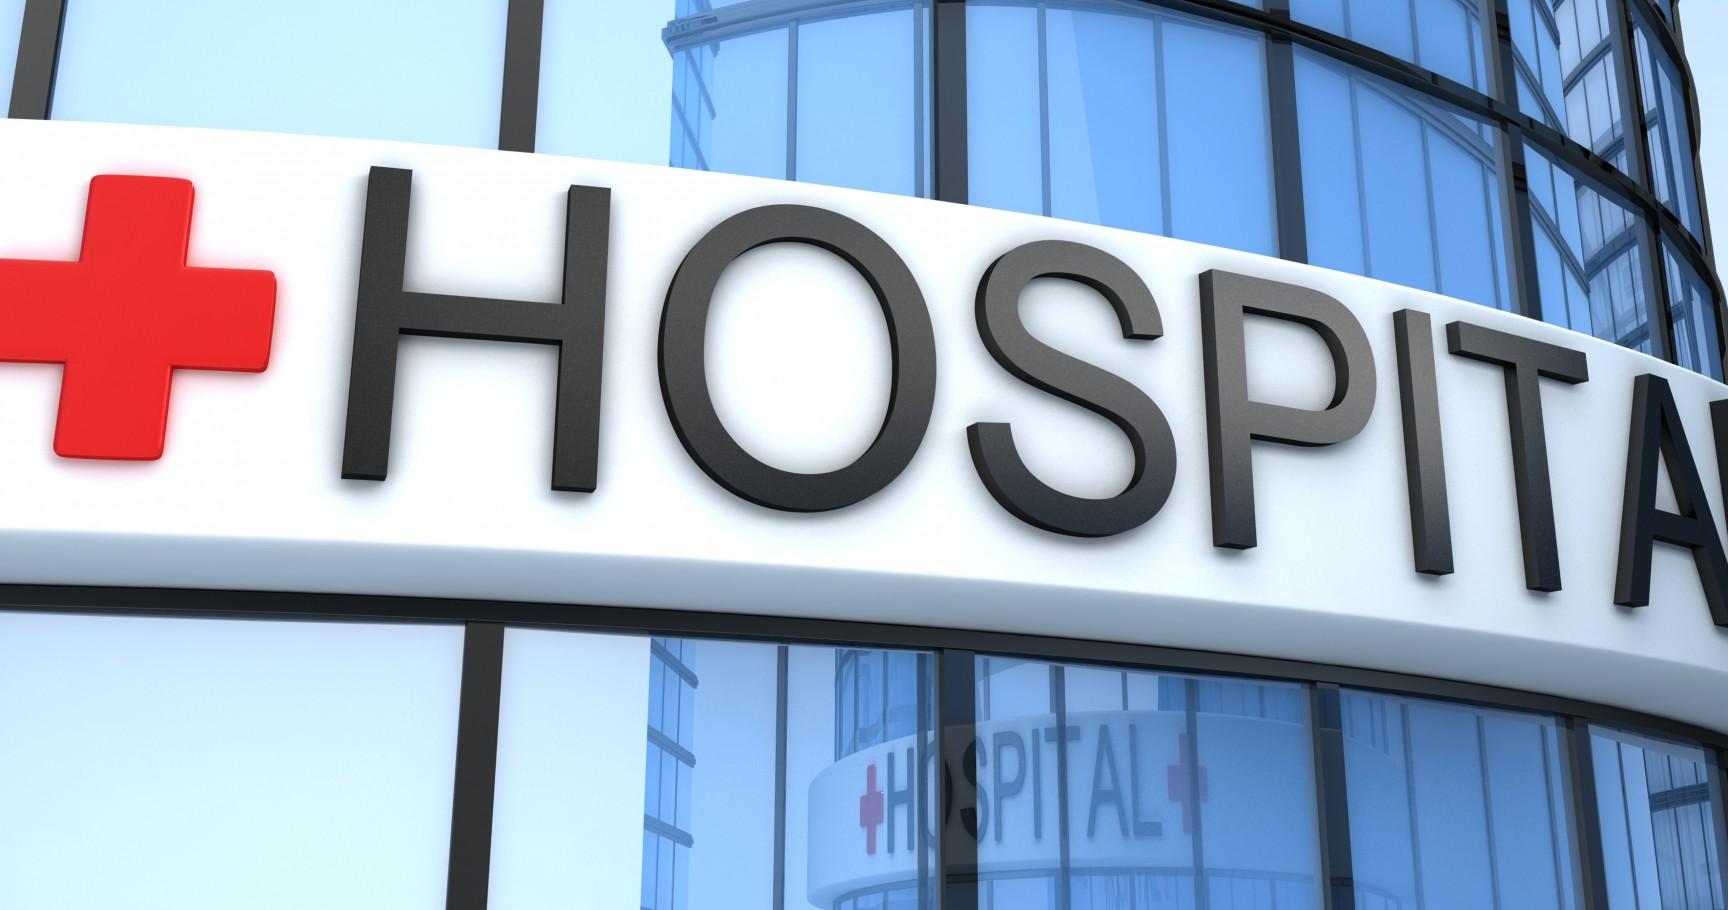 Ξεκίνησε η αναζήτηση για Διοικητές Νοσοκομείων! Όλες οι πληροφορίες